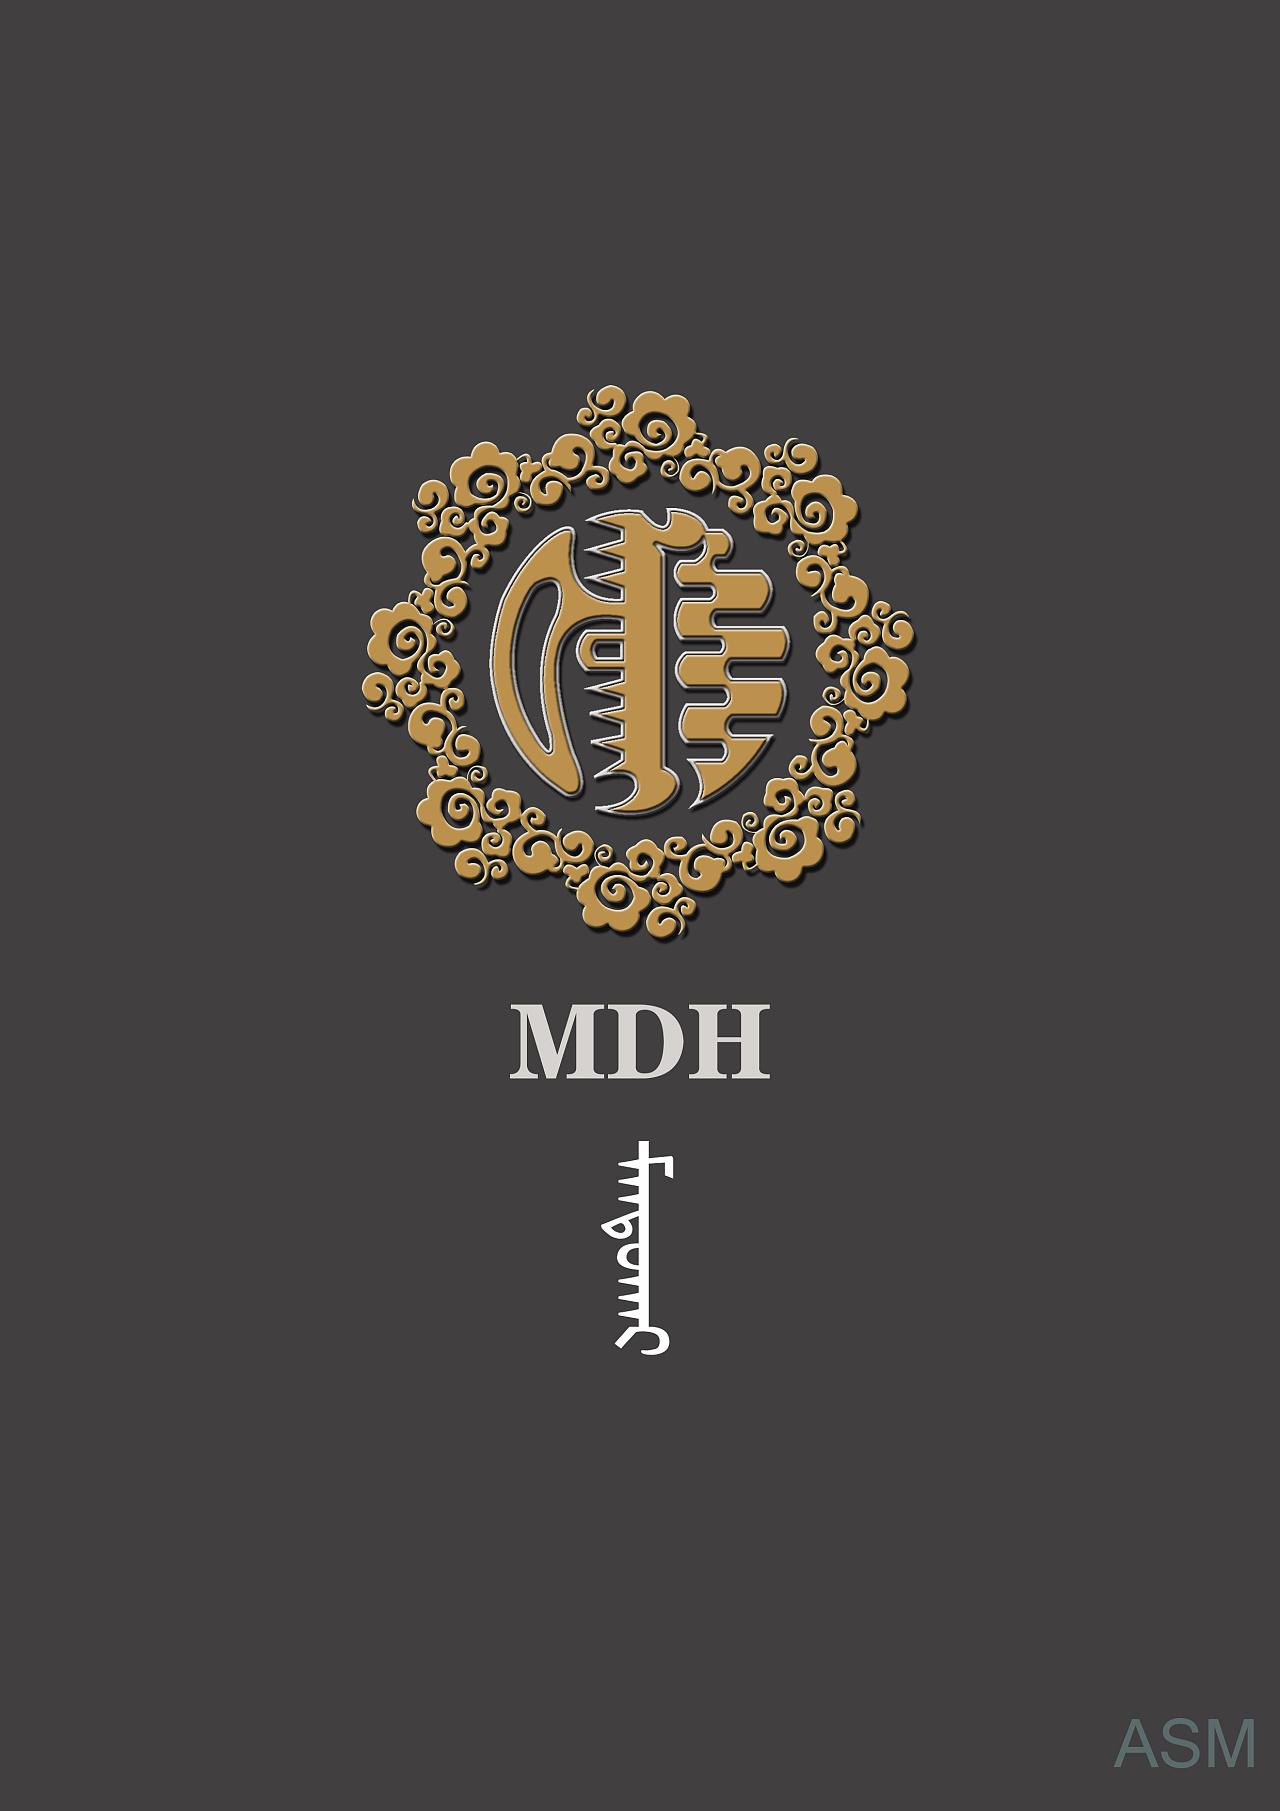 蒙古艺术文字3 -阿斯玛设计 第4张